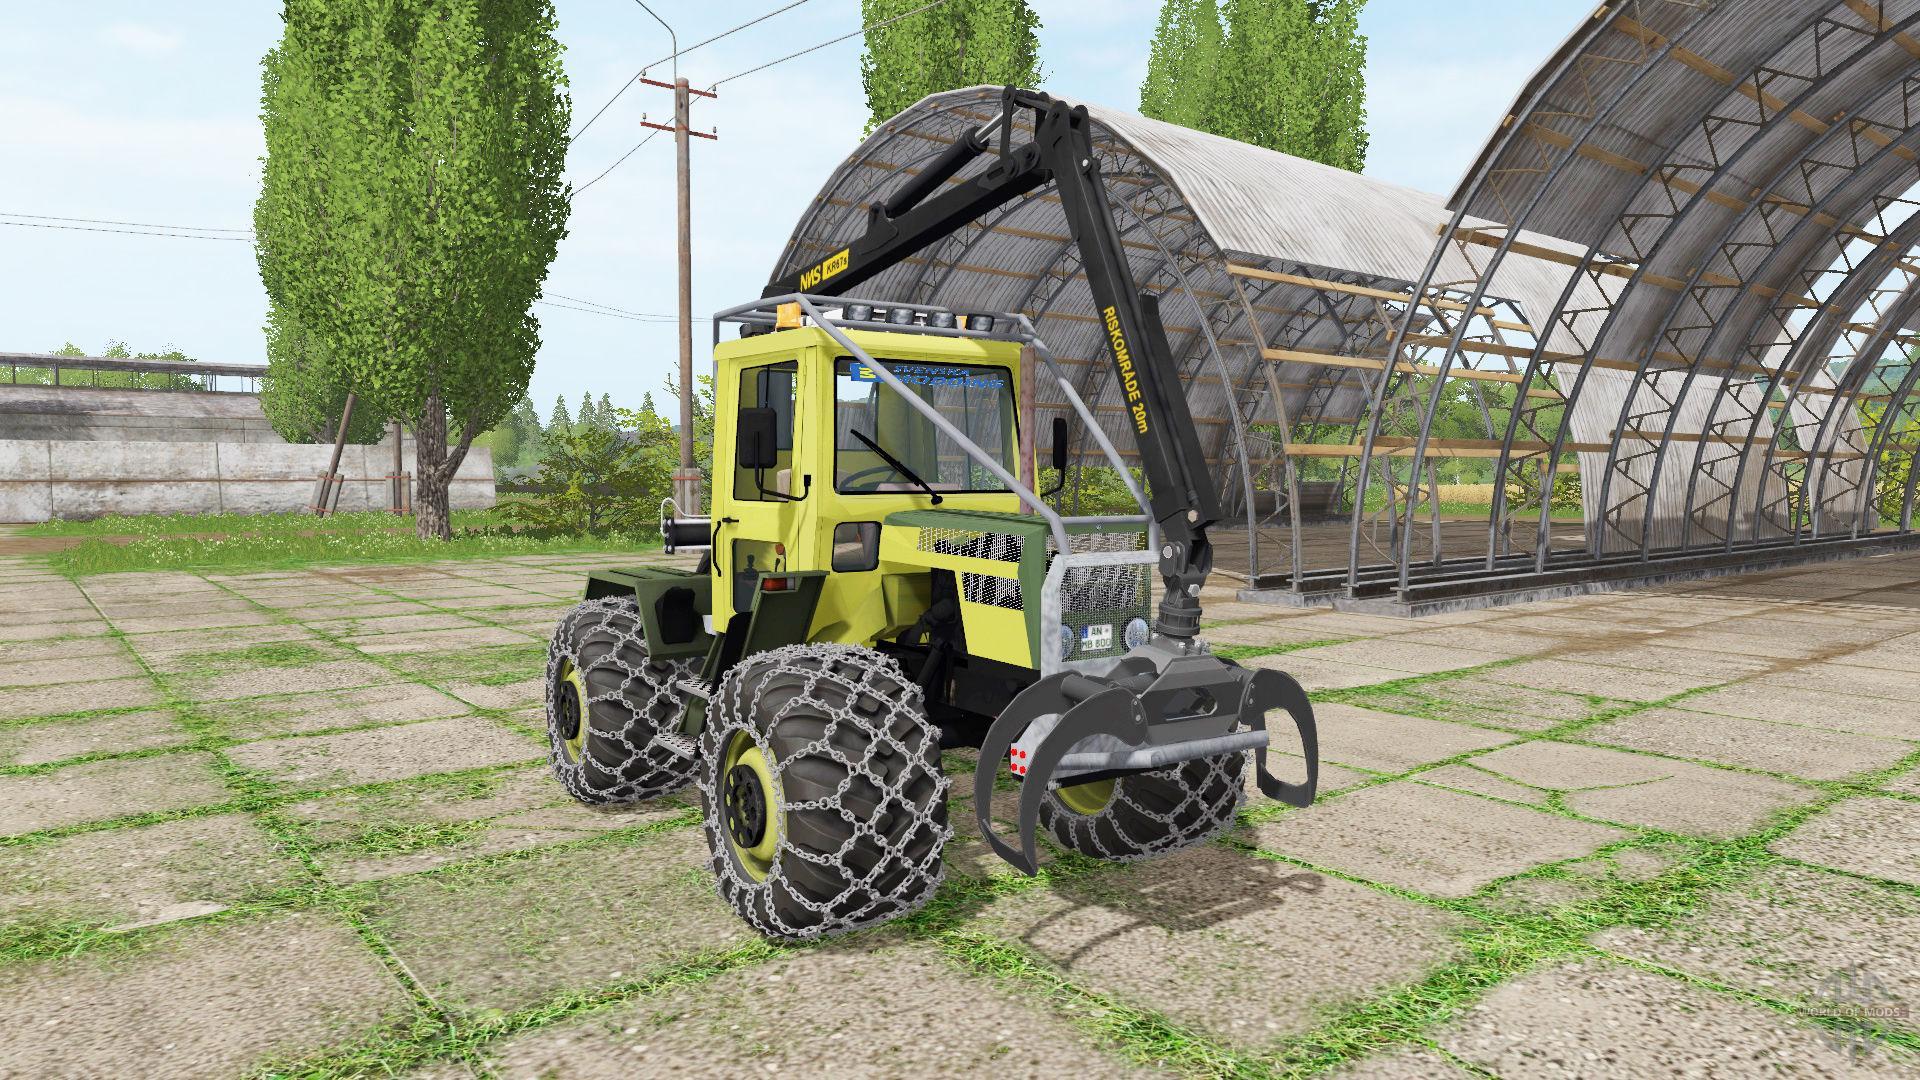 MERCEDES-BENZ TRAC 800 FS17 - Farming Simulator 17 mod / FS 2017 mod